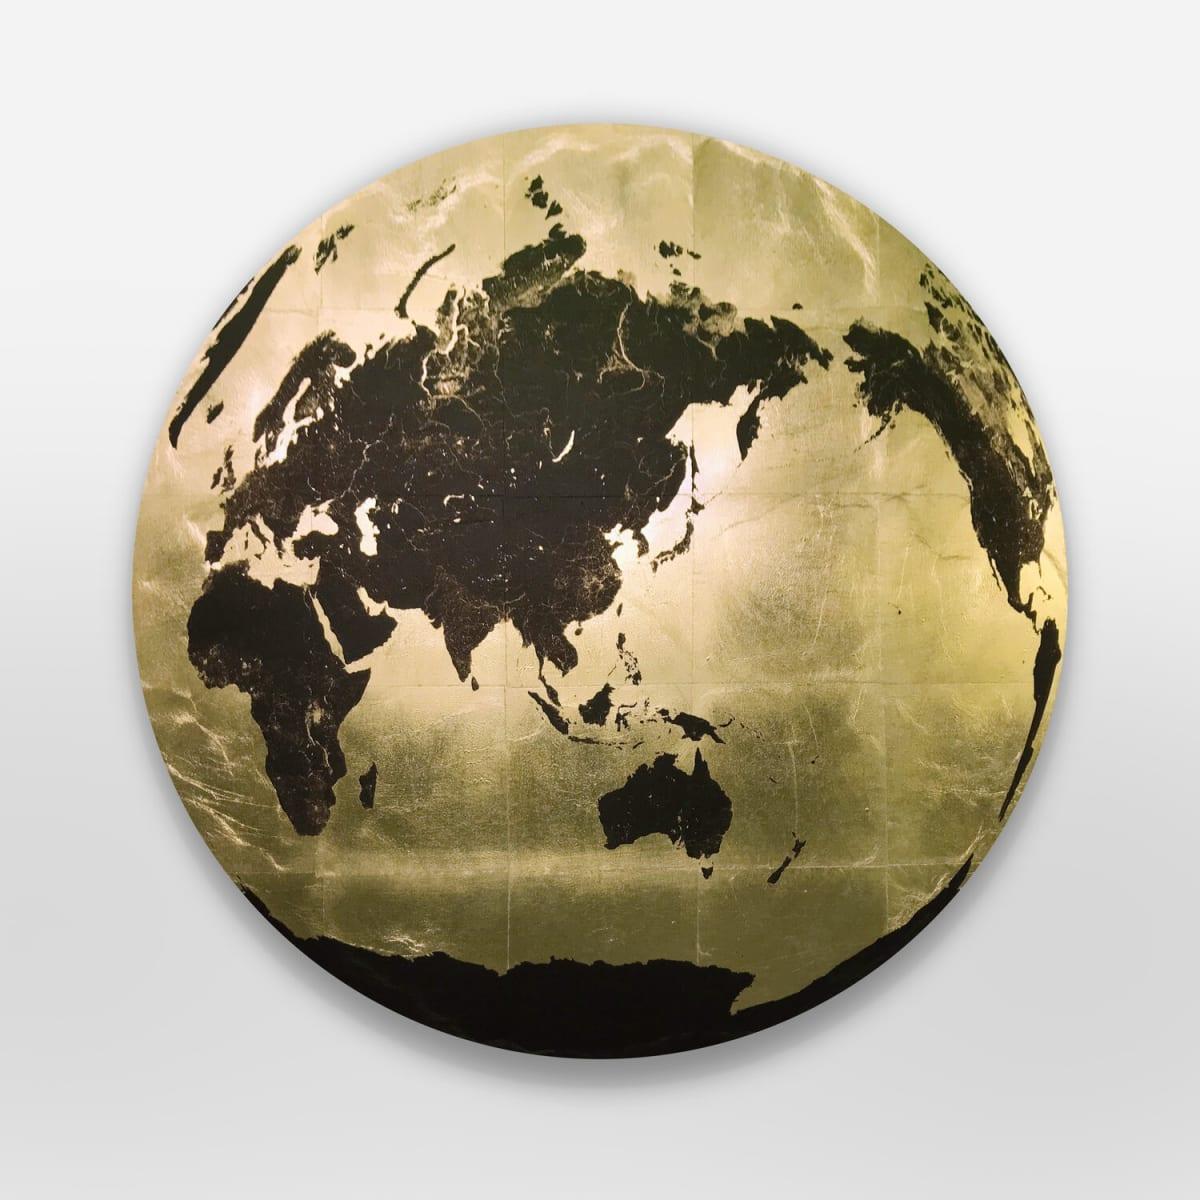 Ewan David Eason, Celestial Sphere (Centred on Asia), 2019